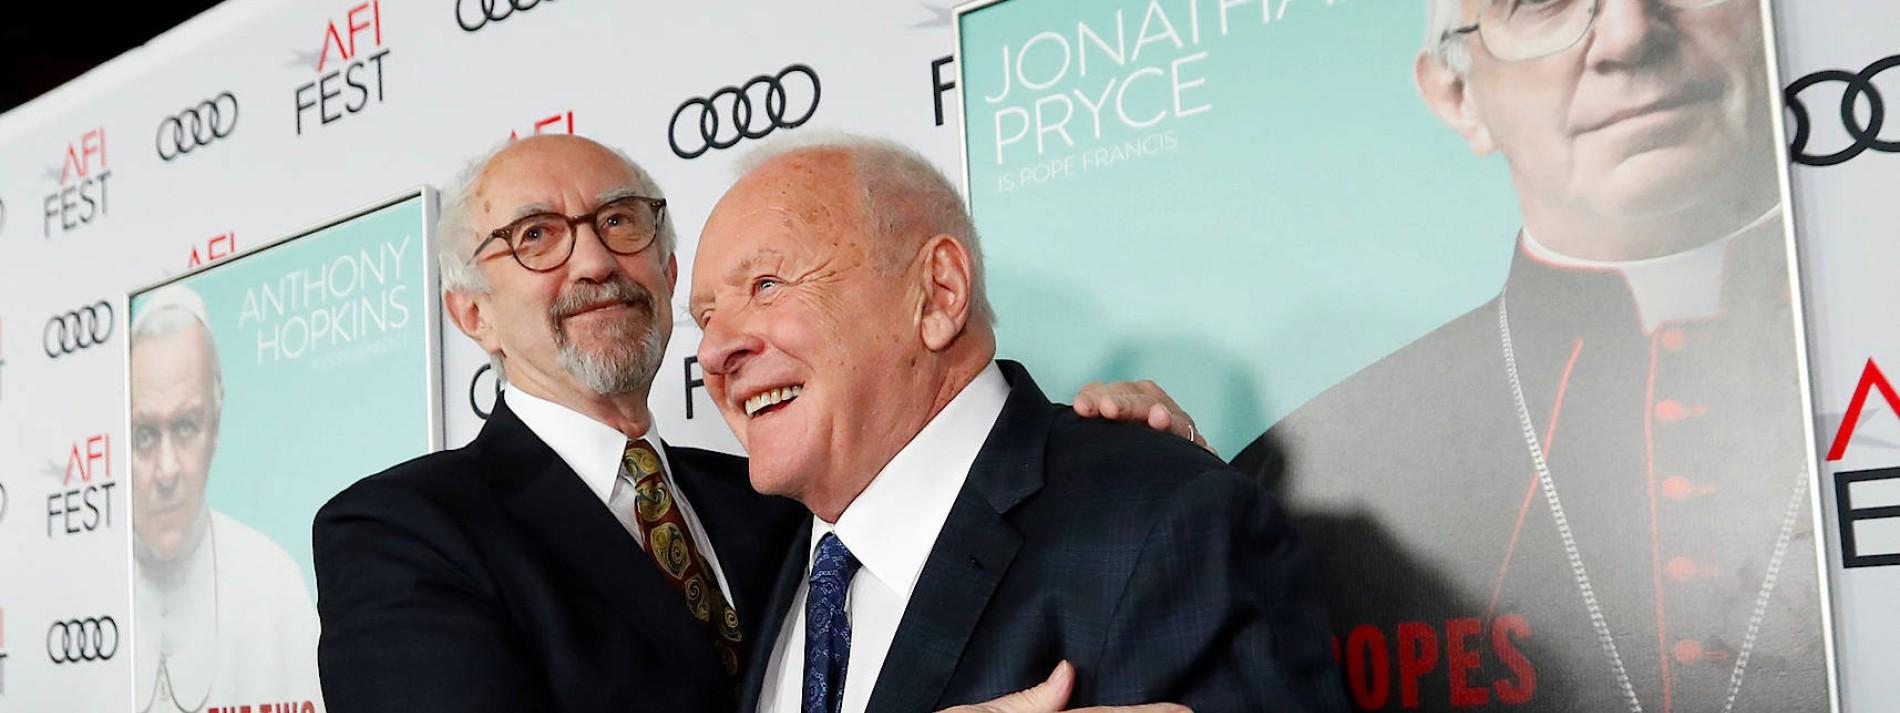 """Hopkins und Pryce sind """"Die zwei Päpste"""""""